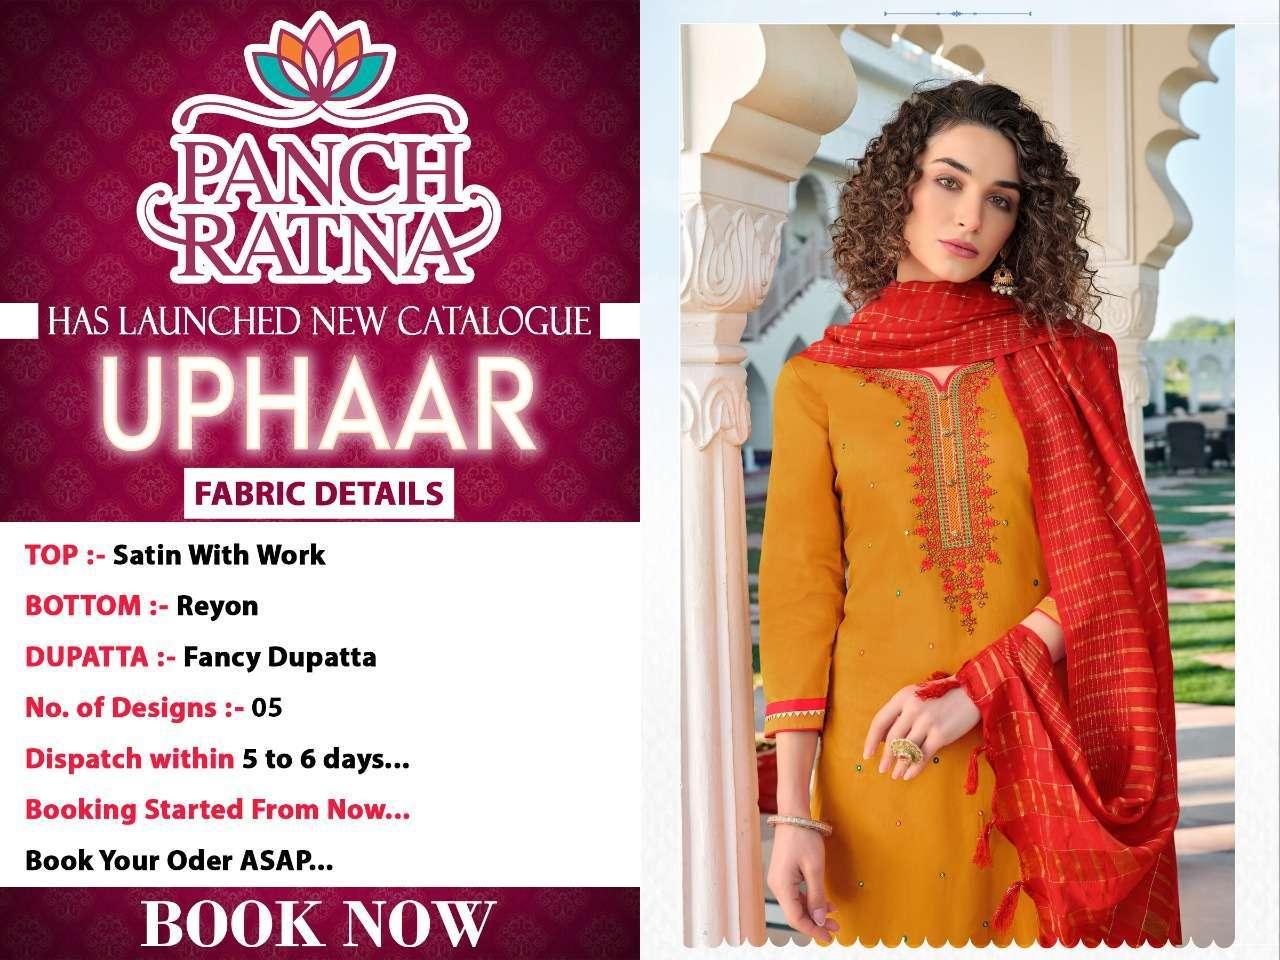 Panch Ratna - Uphaar